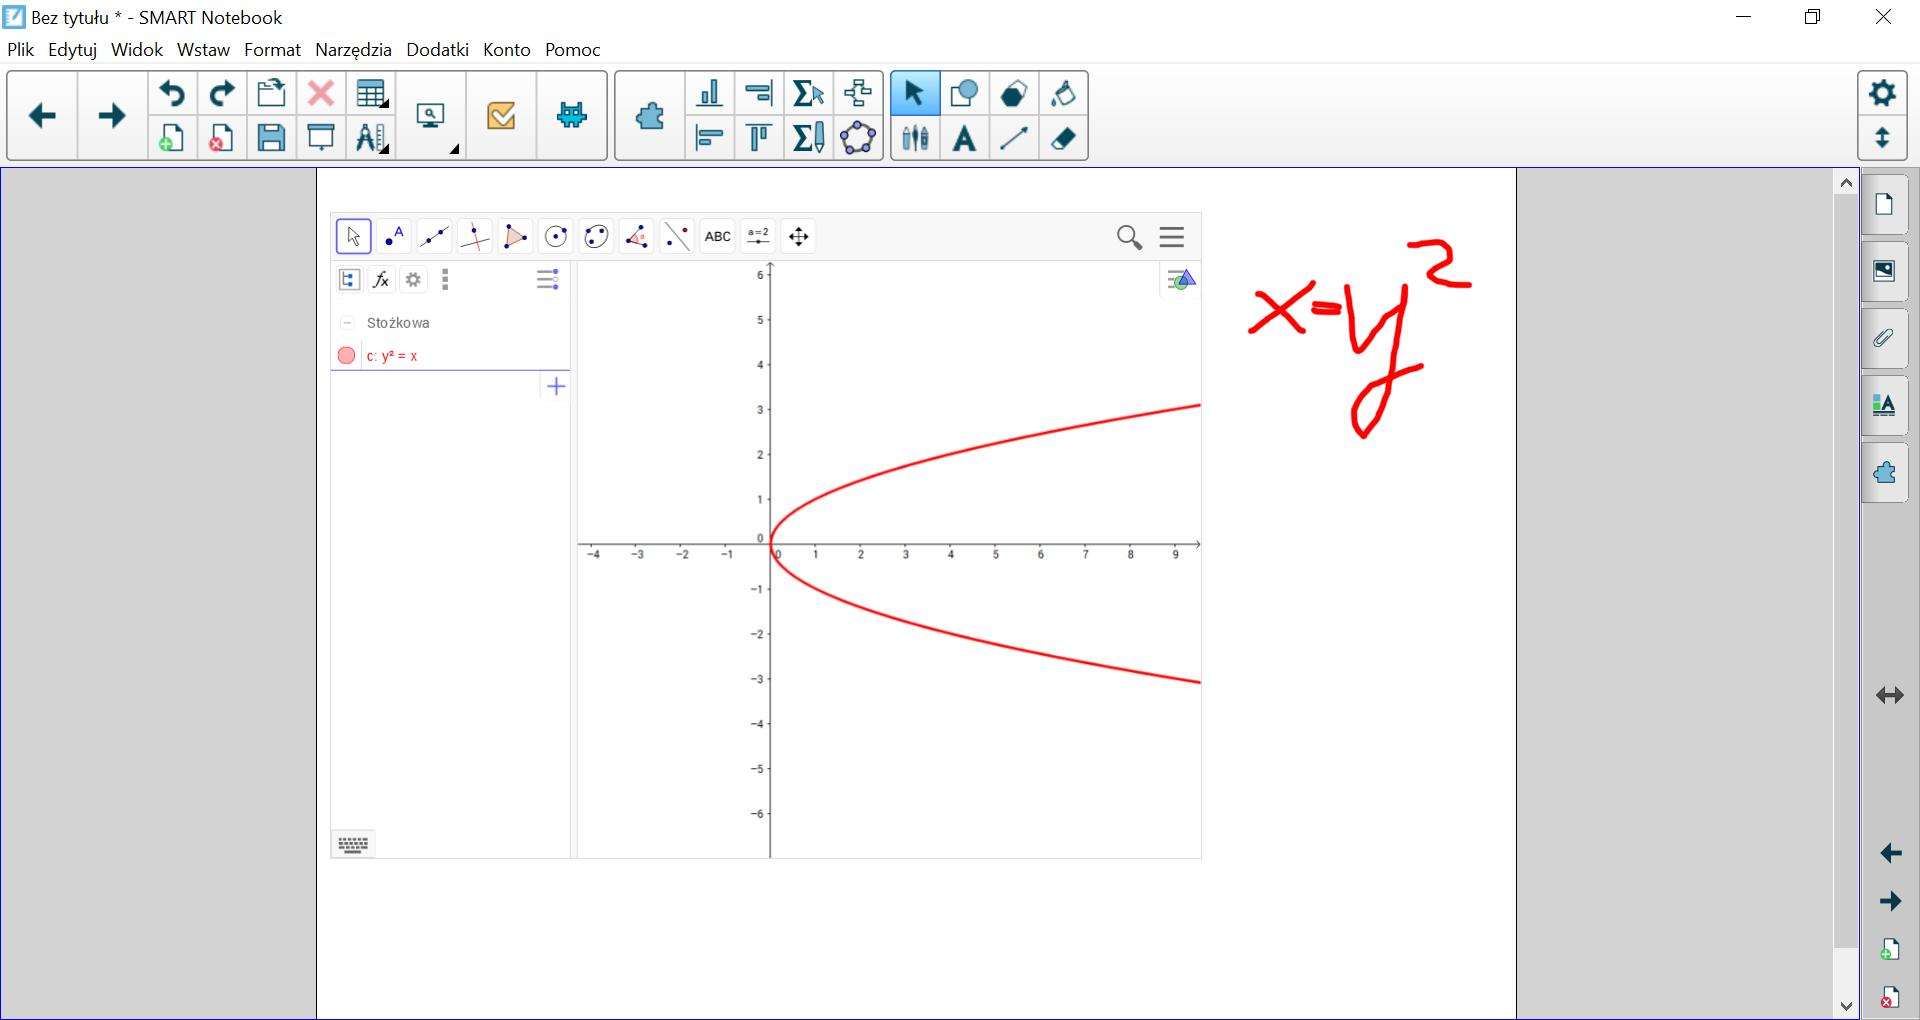 Wersja podstawowa SMART Notebook